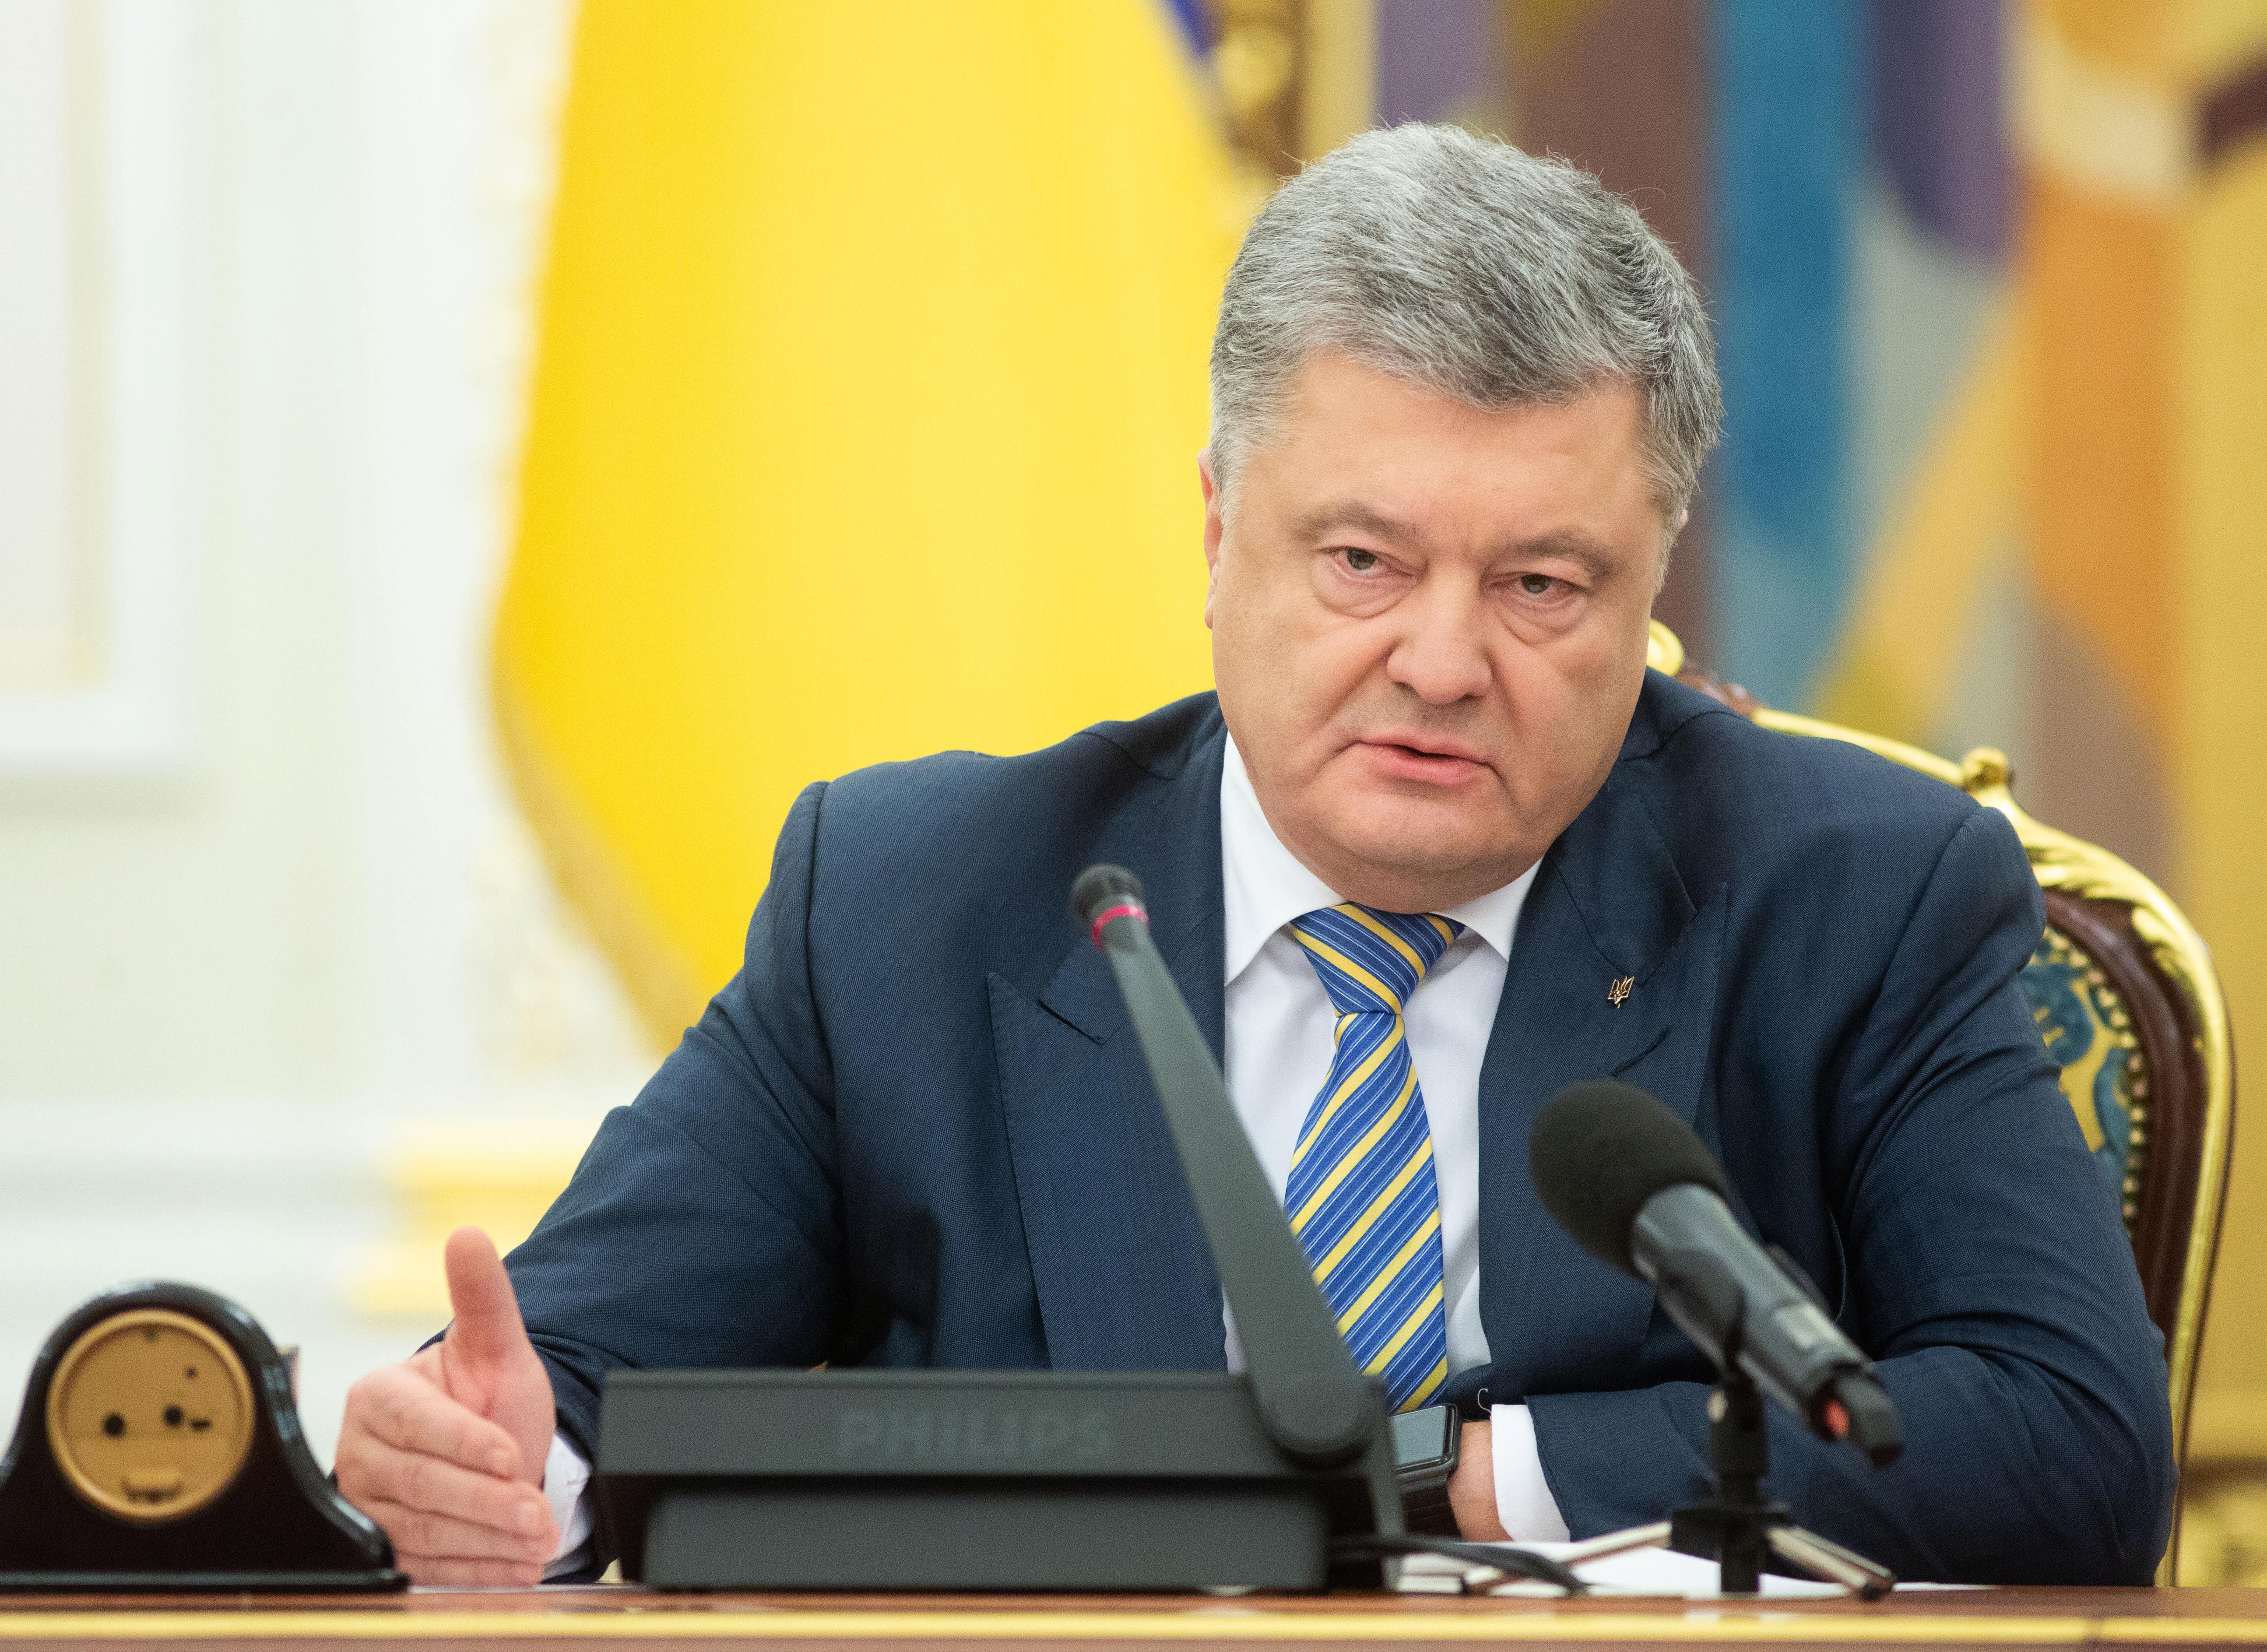 Összeül az ENSZ BT az orosz-ukrán konfliktus miatt, Porosenko a hadiállapot bevezetését javasolja a parlamentnek